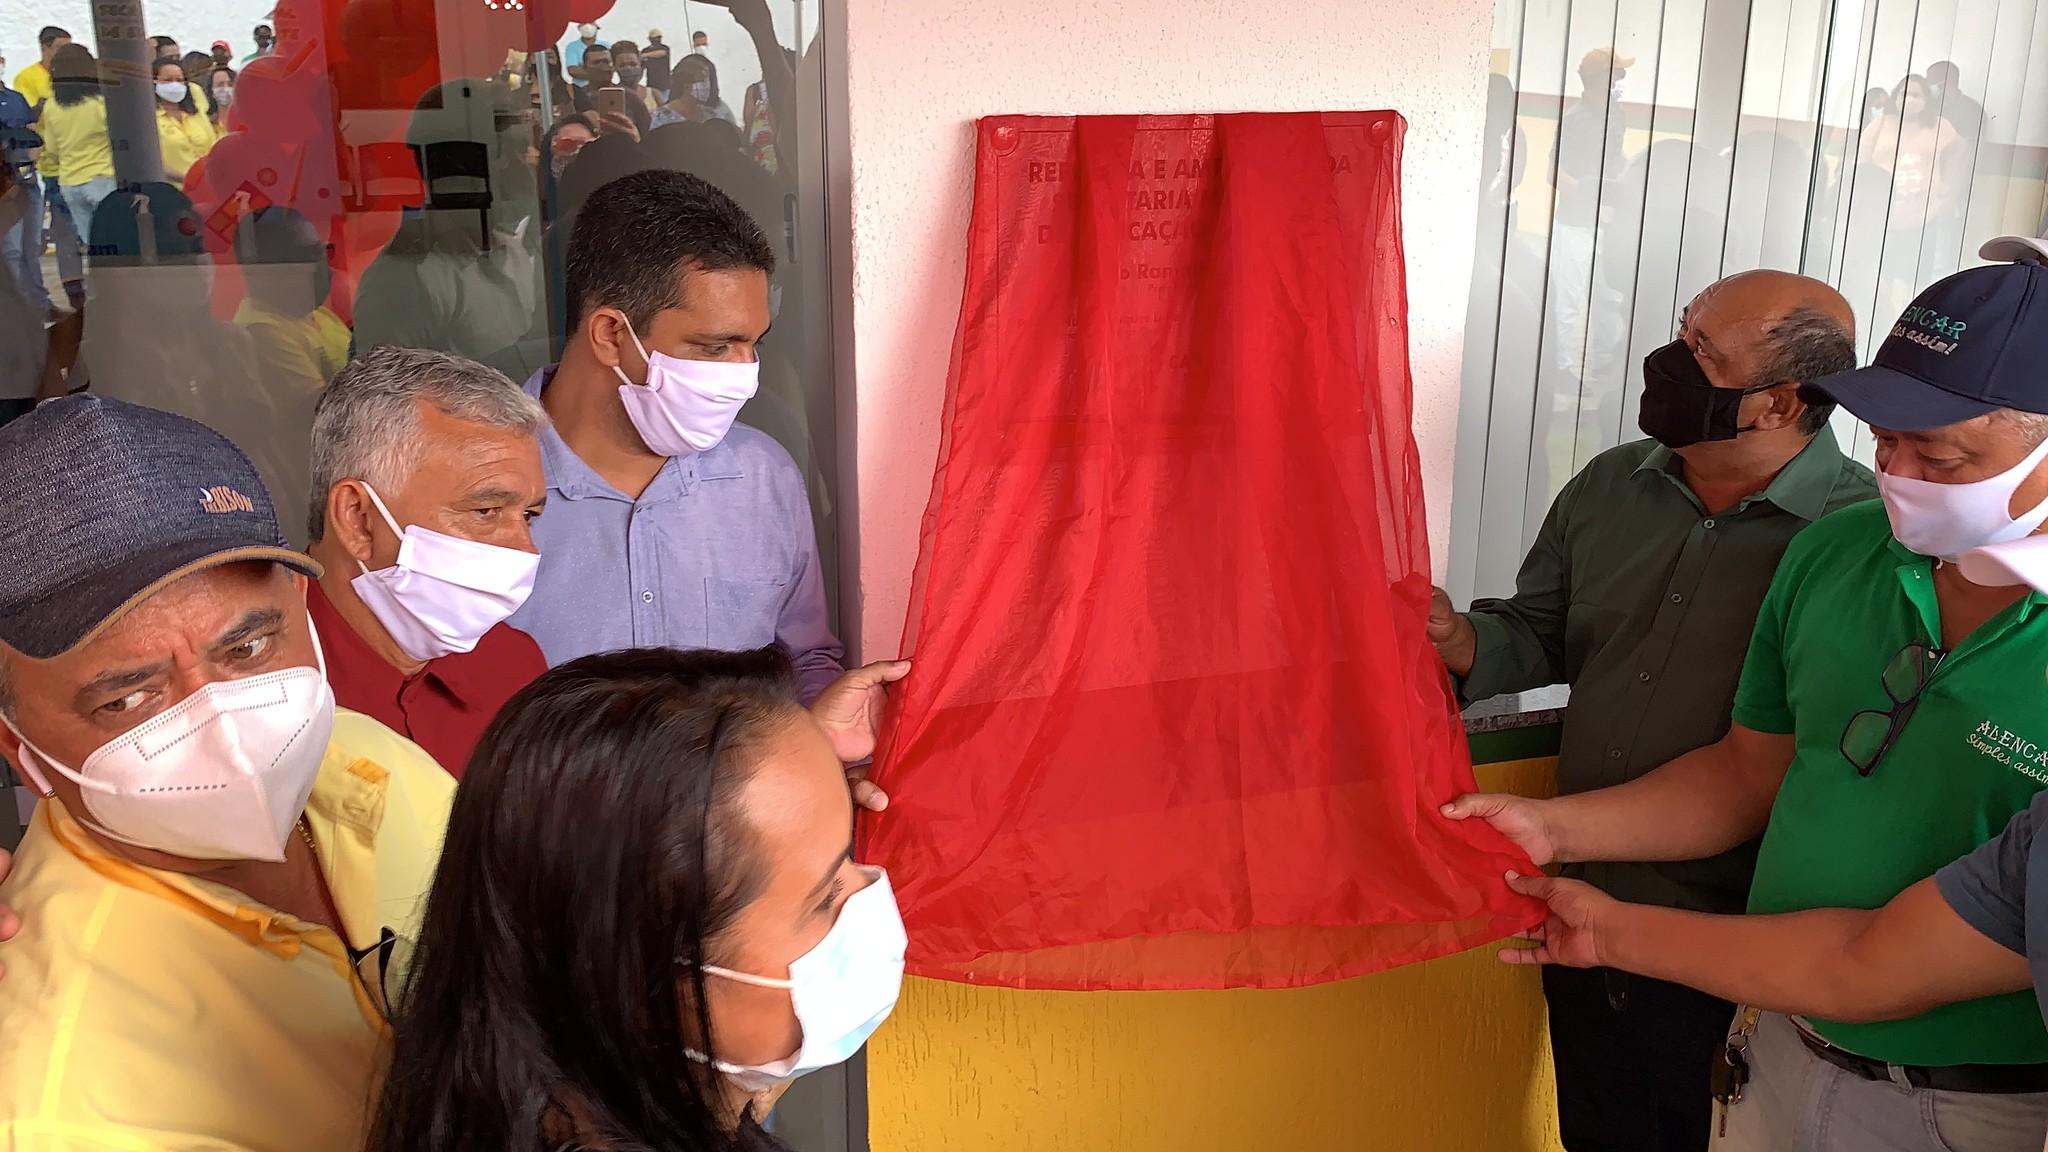 Descerramento da faixa inaugural das obras de reforma e revitalização da Secretaria de Educação de Caravelas (1)